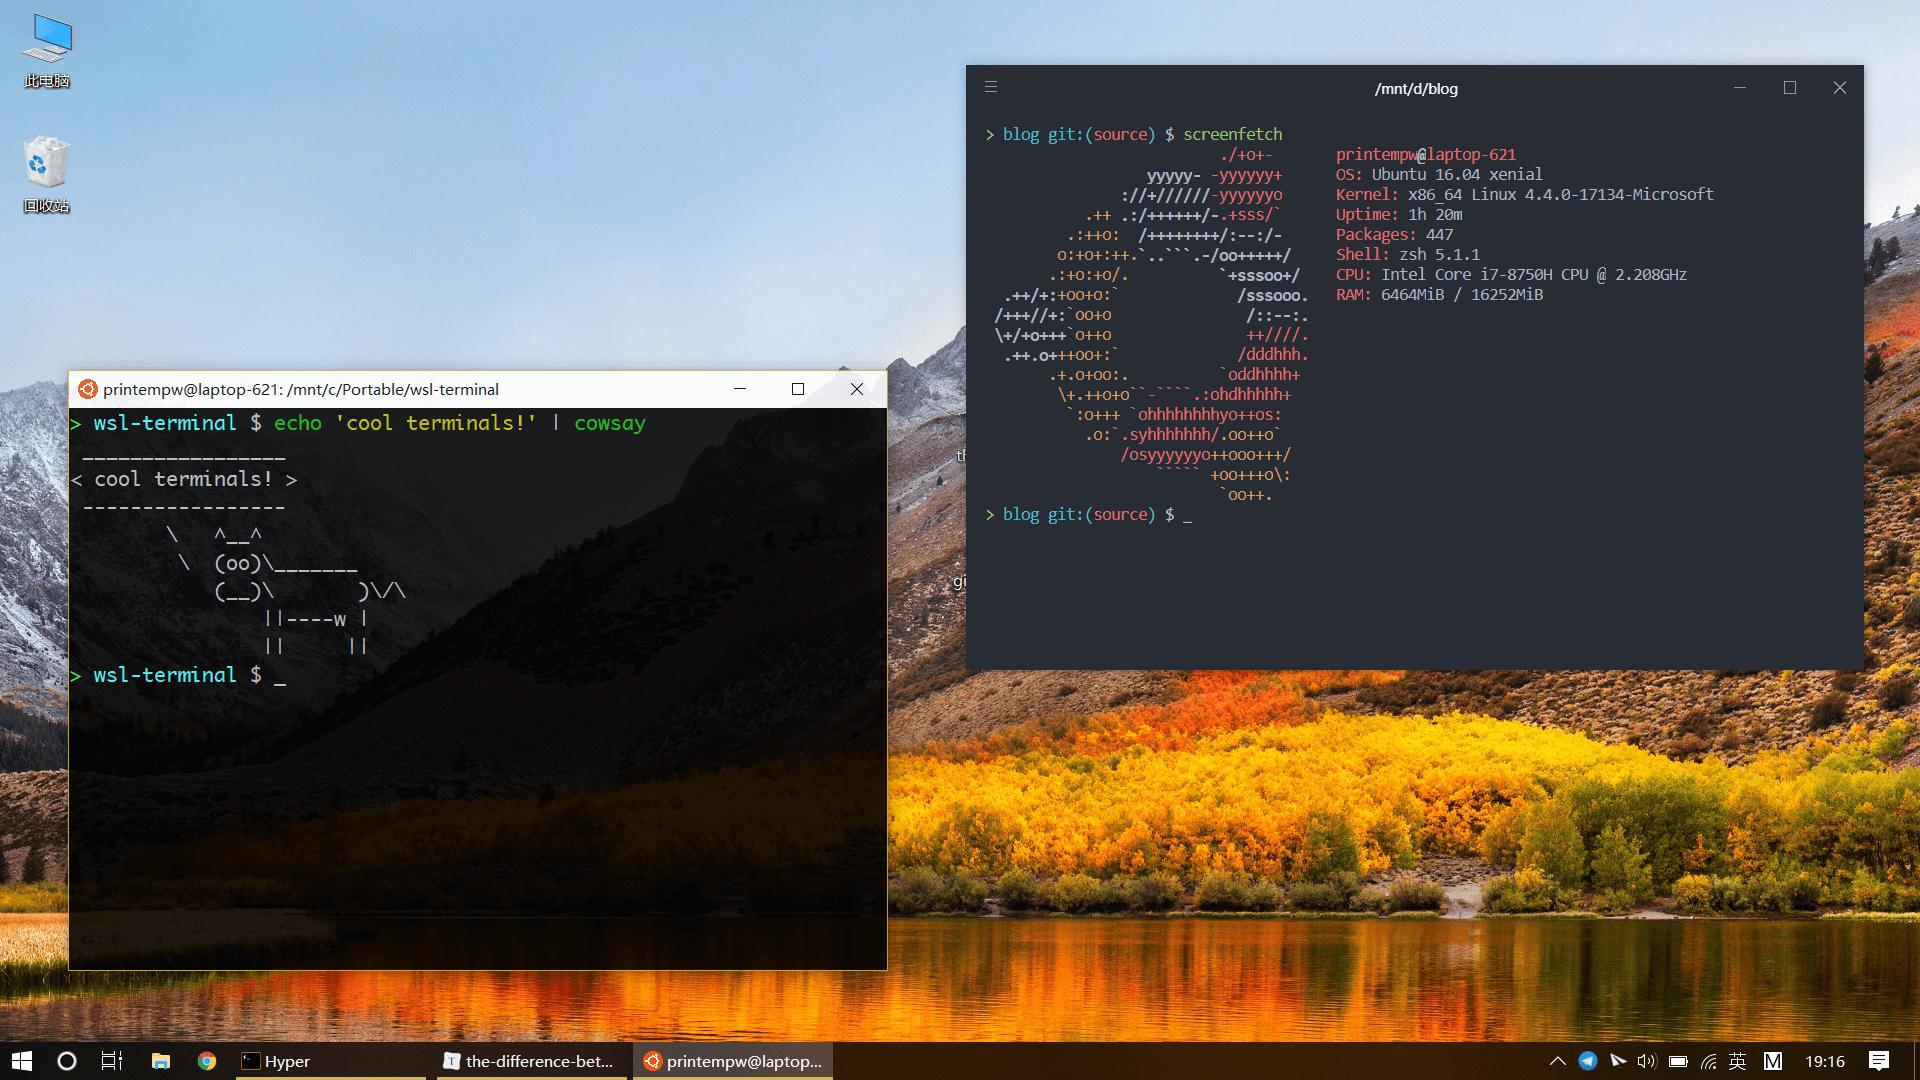 我正在使用的终端模拟器:Hyper 与 wsl-terminal